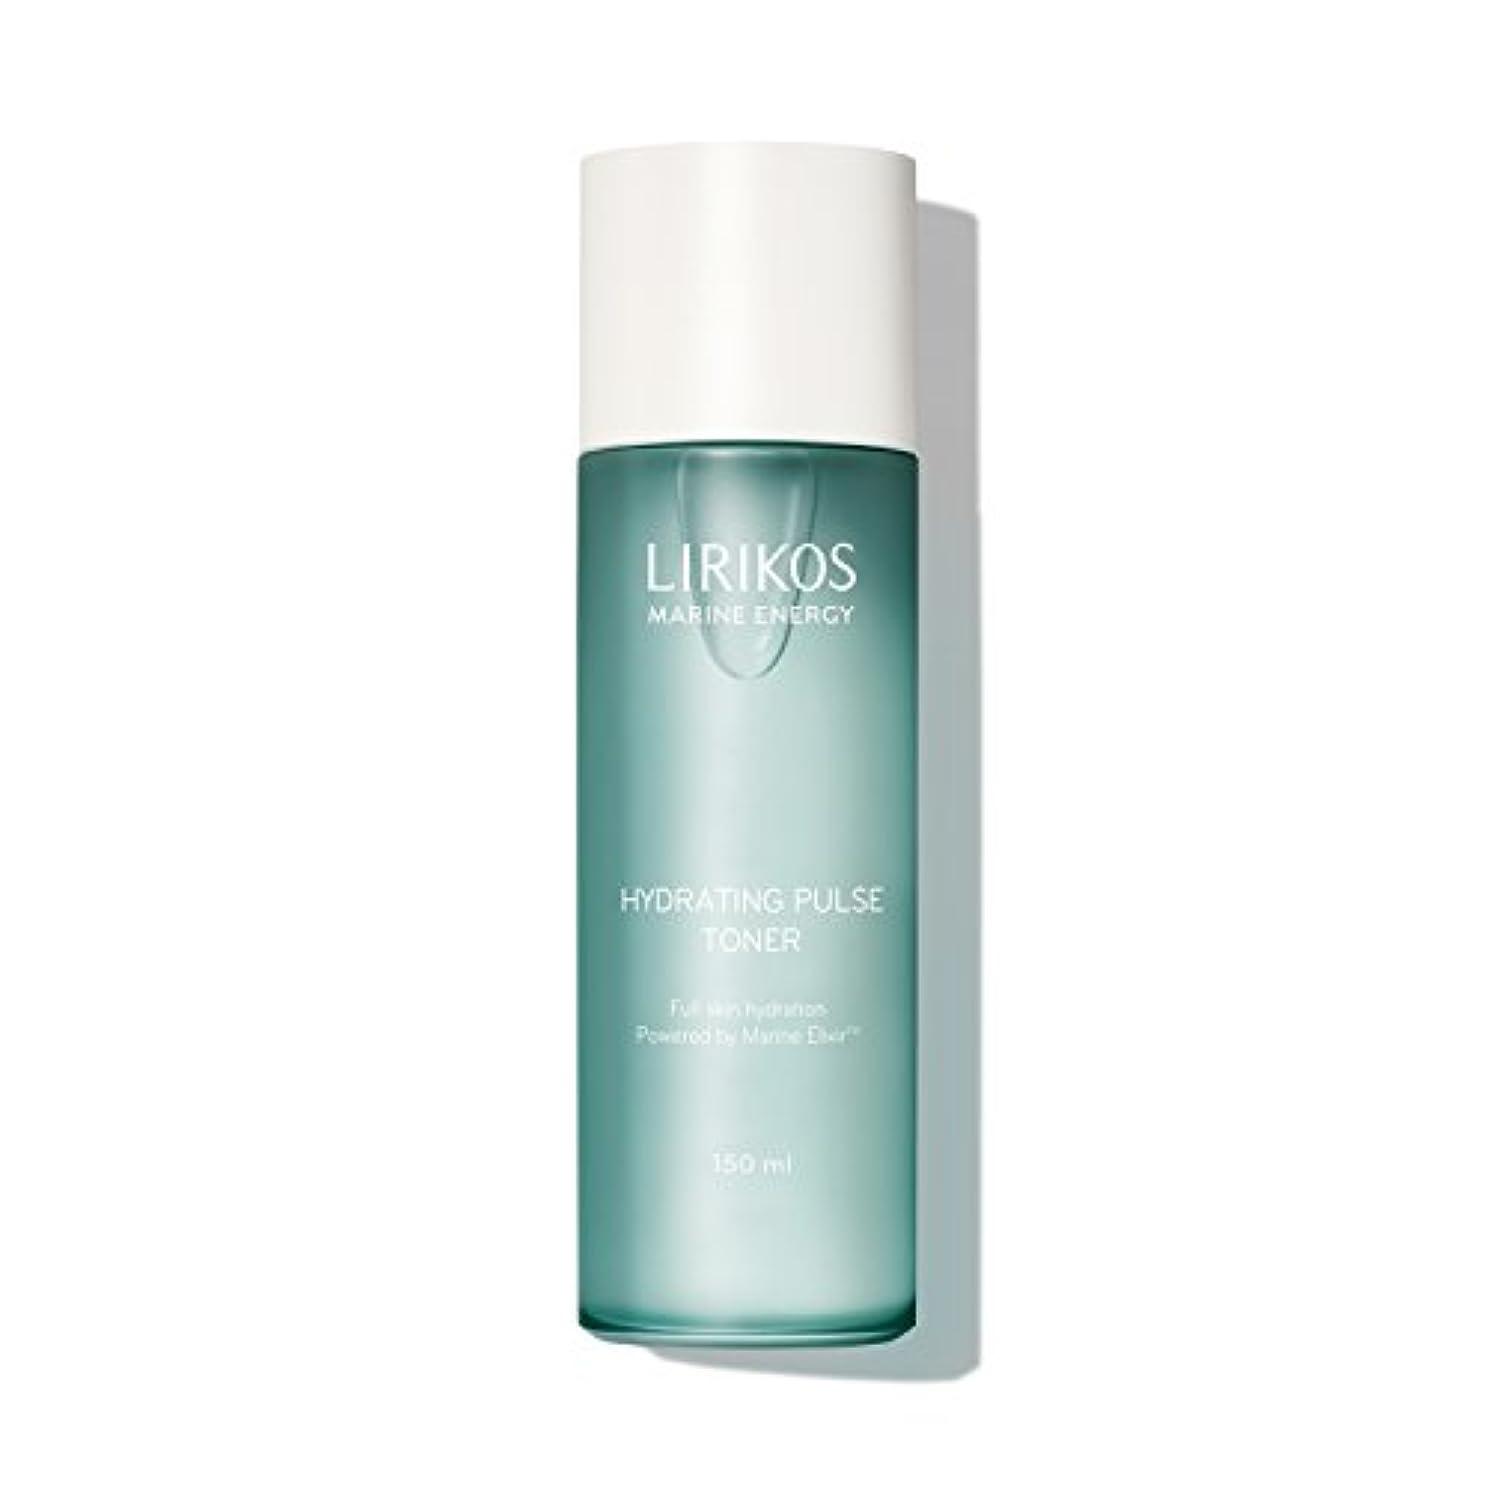 リリコス(LIRIKOS) マリンエナジー ハイドレーティング パルス 化粧水 150ml [並行輸入品]